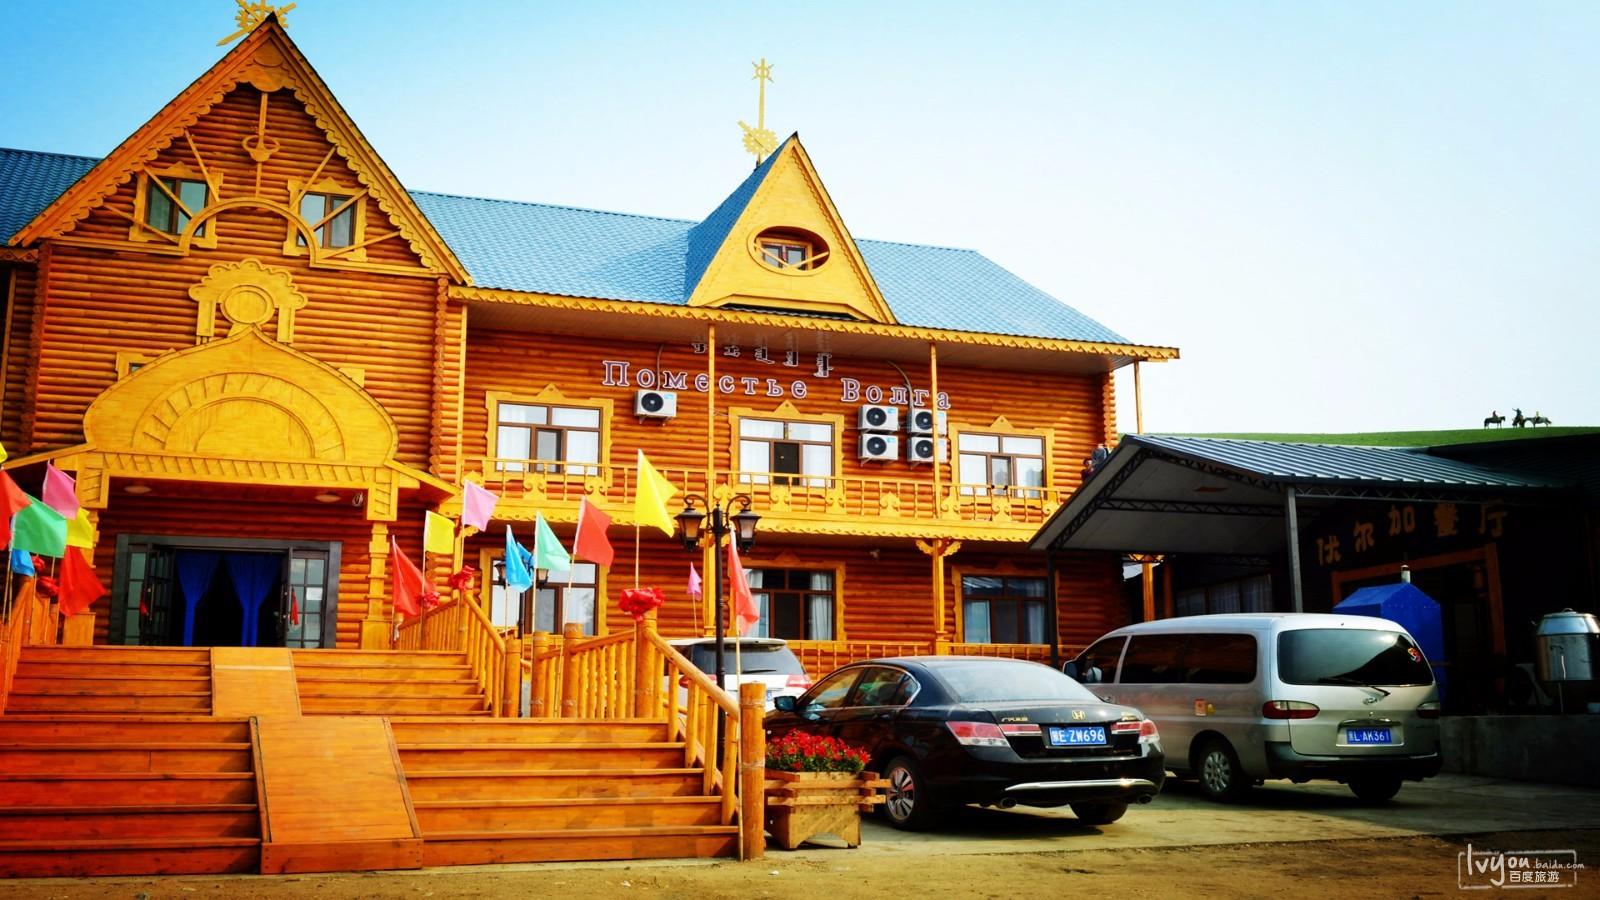 临江最豪华的俄式酒店,今晚我们就住这里,近处的小木屋,还有山上的图片